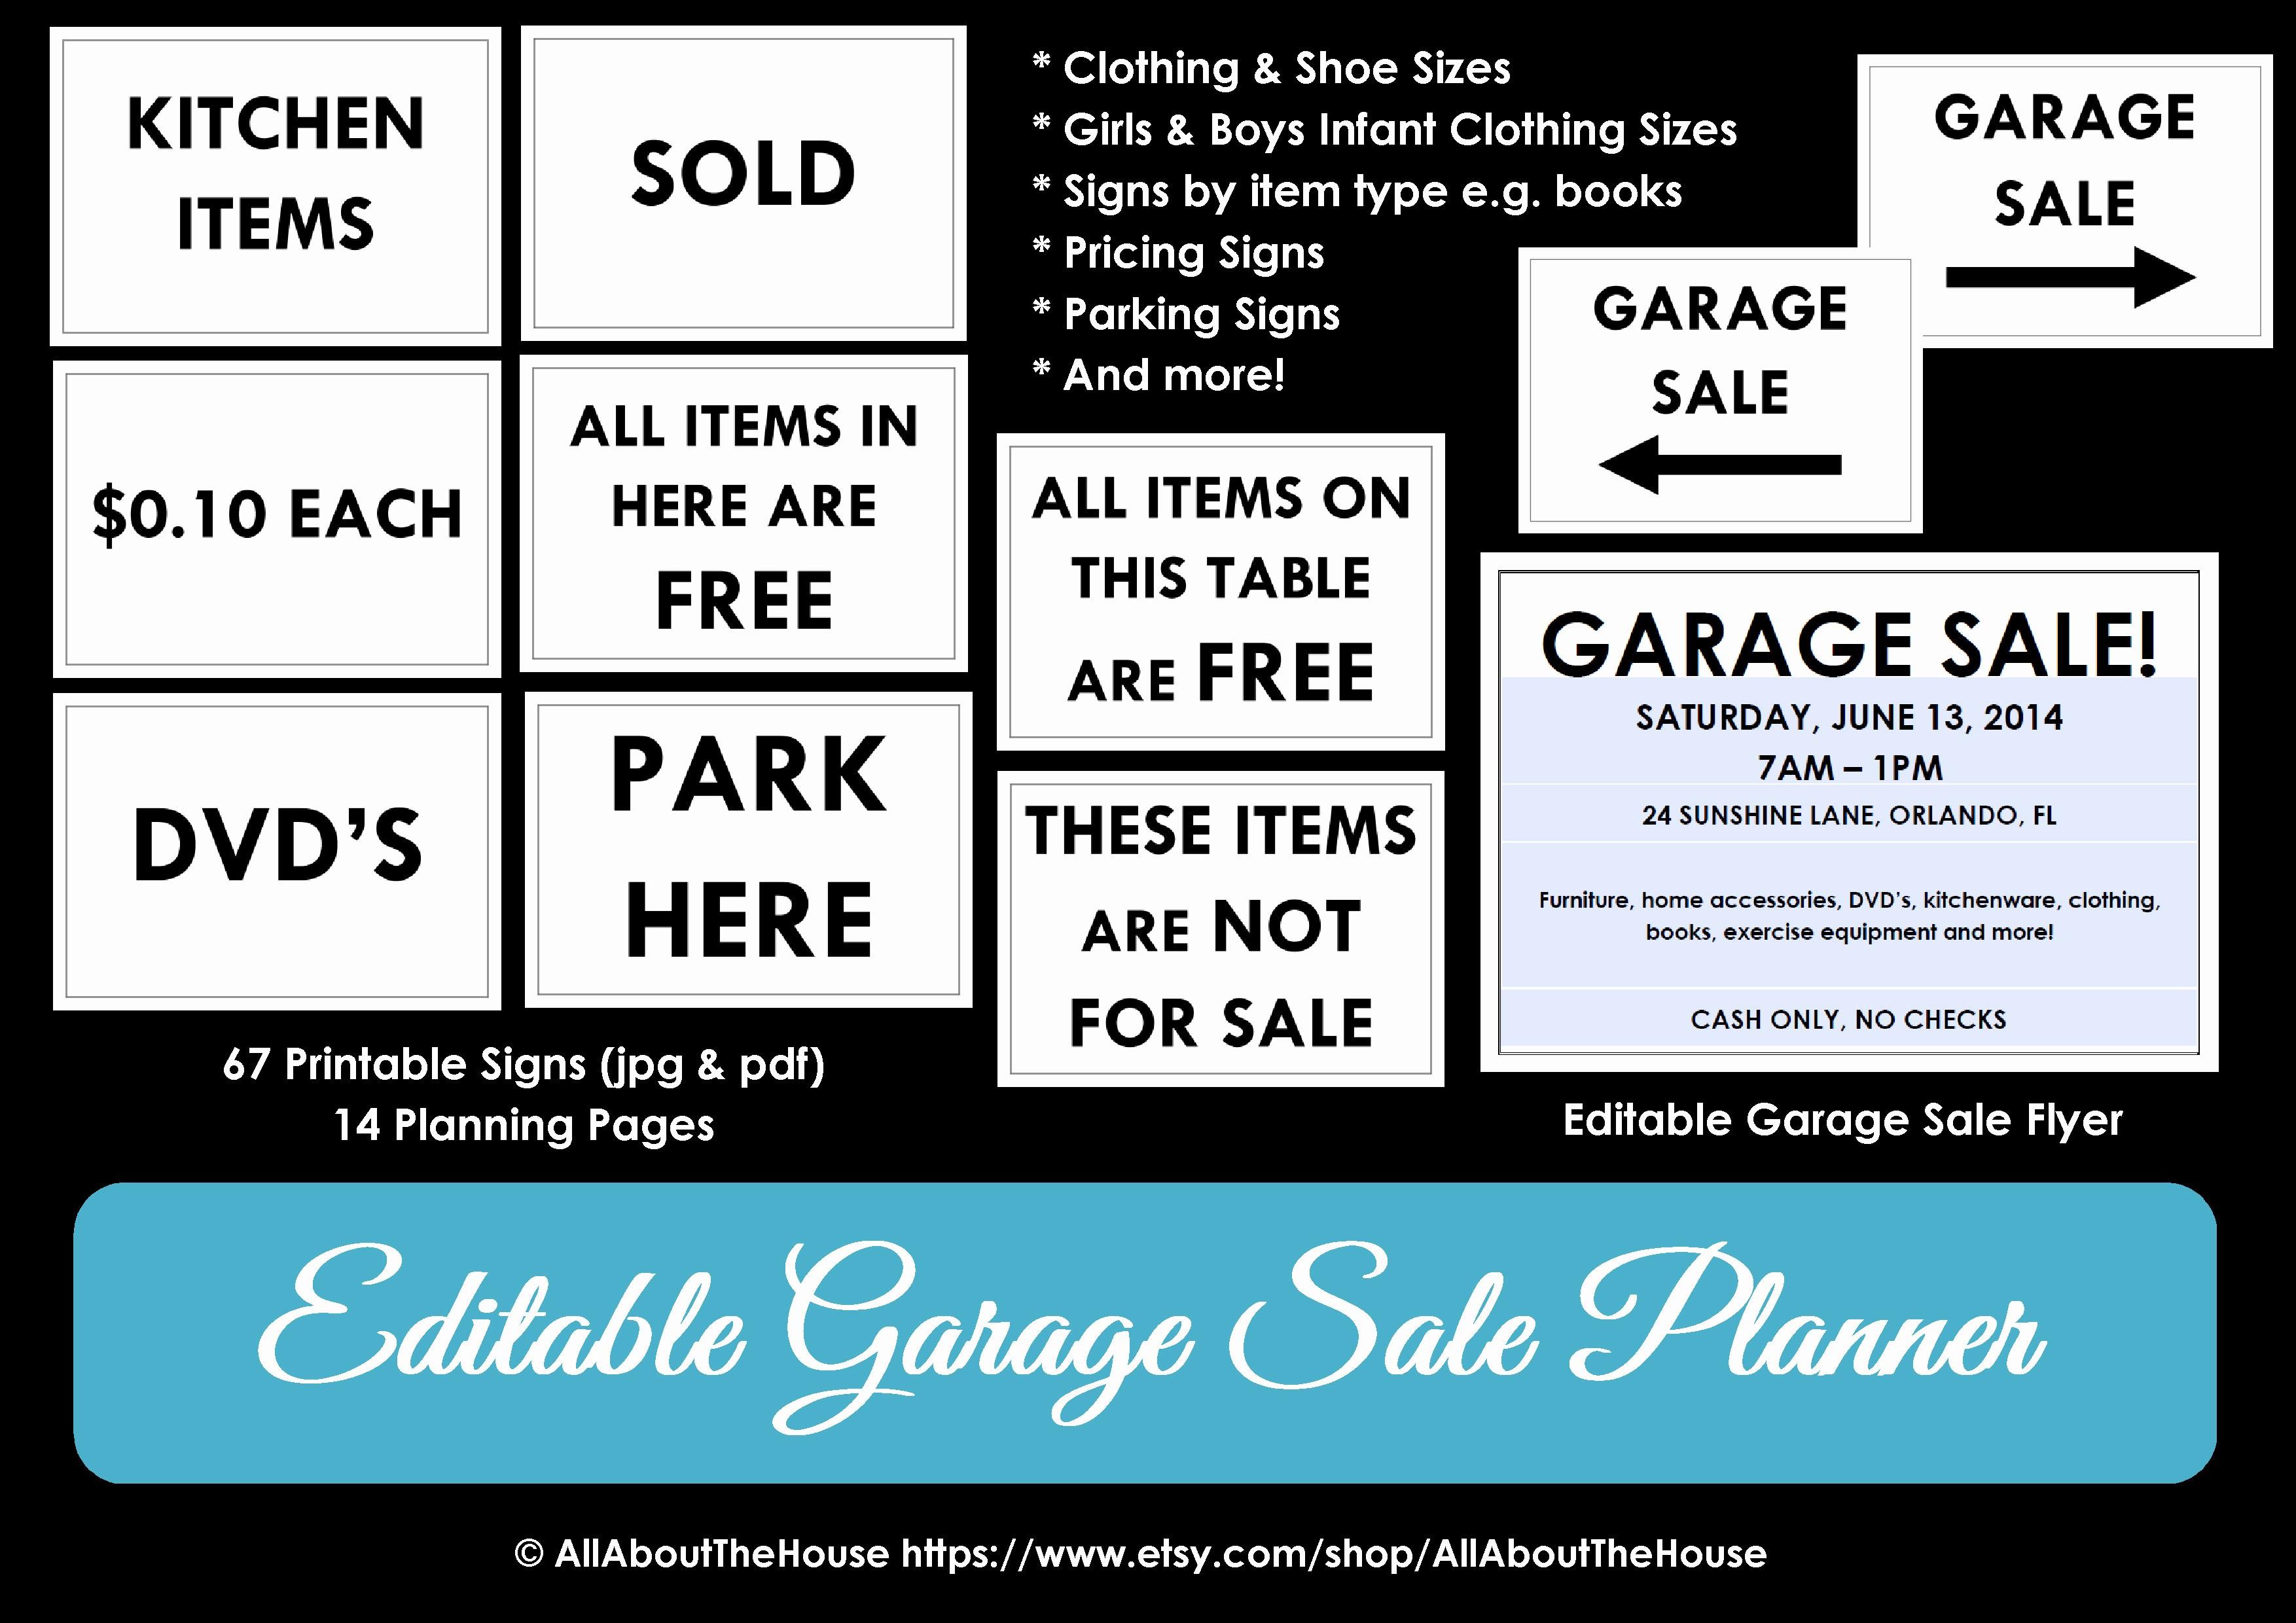 Free Printable Yard Sale Flyers Luxury Garage Sale Planner